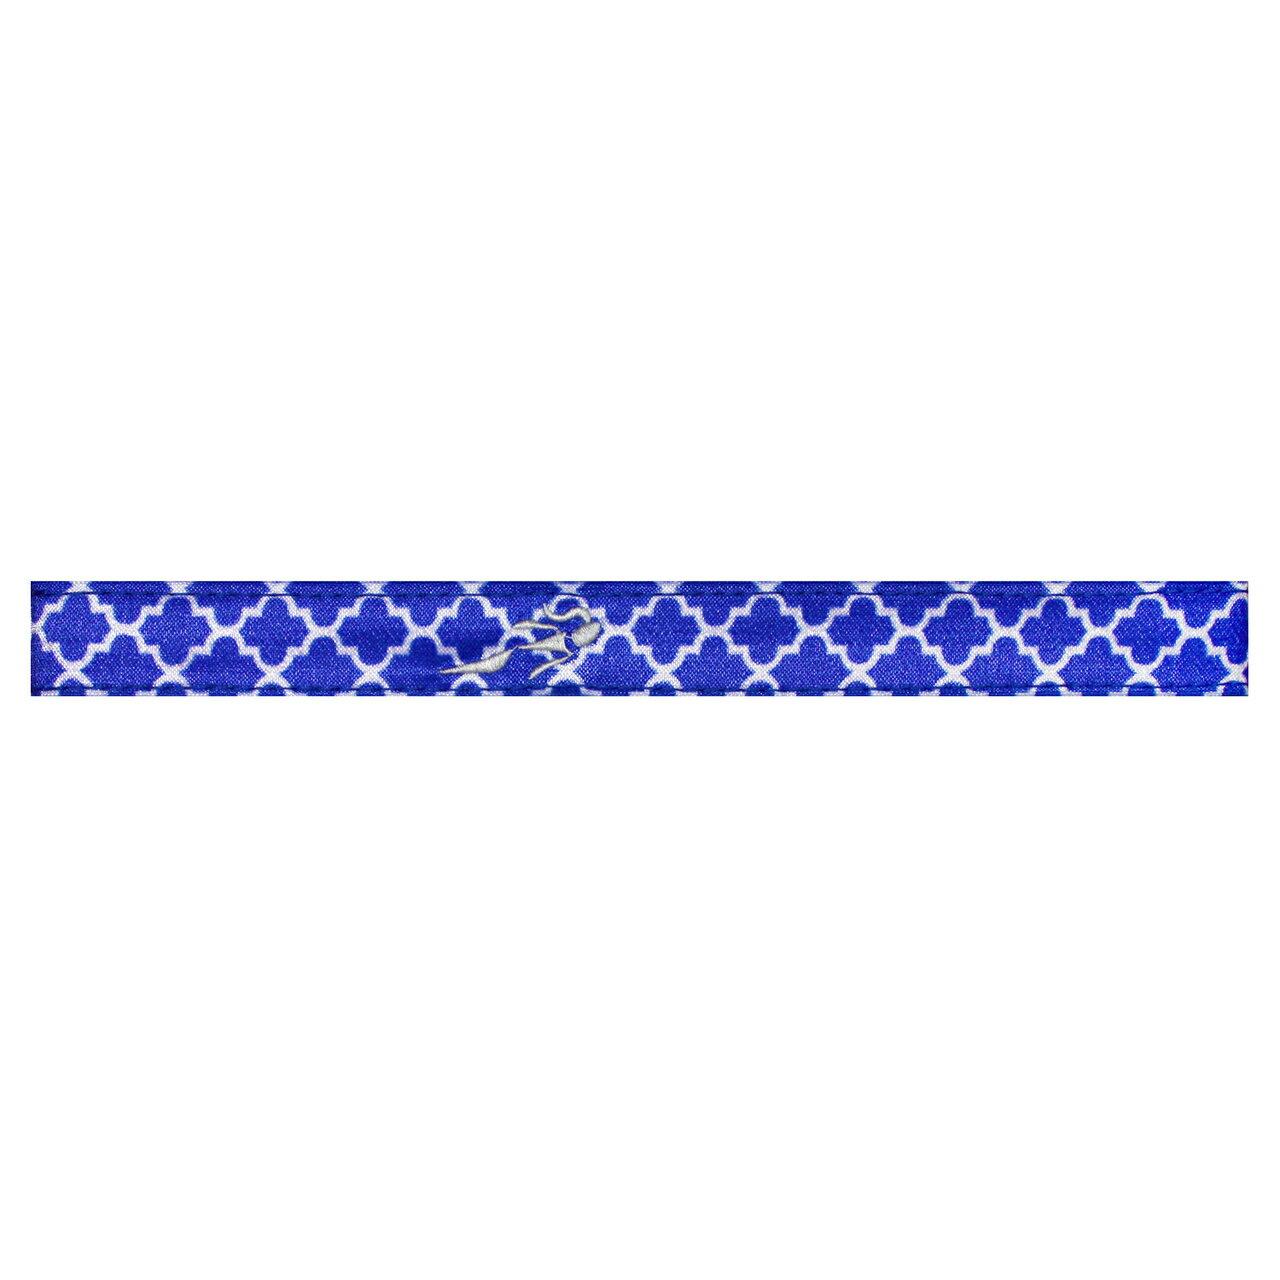 HEADSWEATS 汗淂 運動精品 髮帶(藍白格紋)